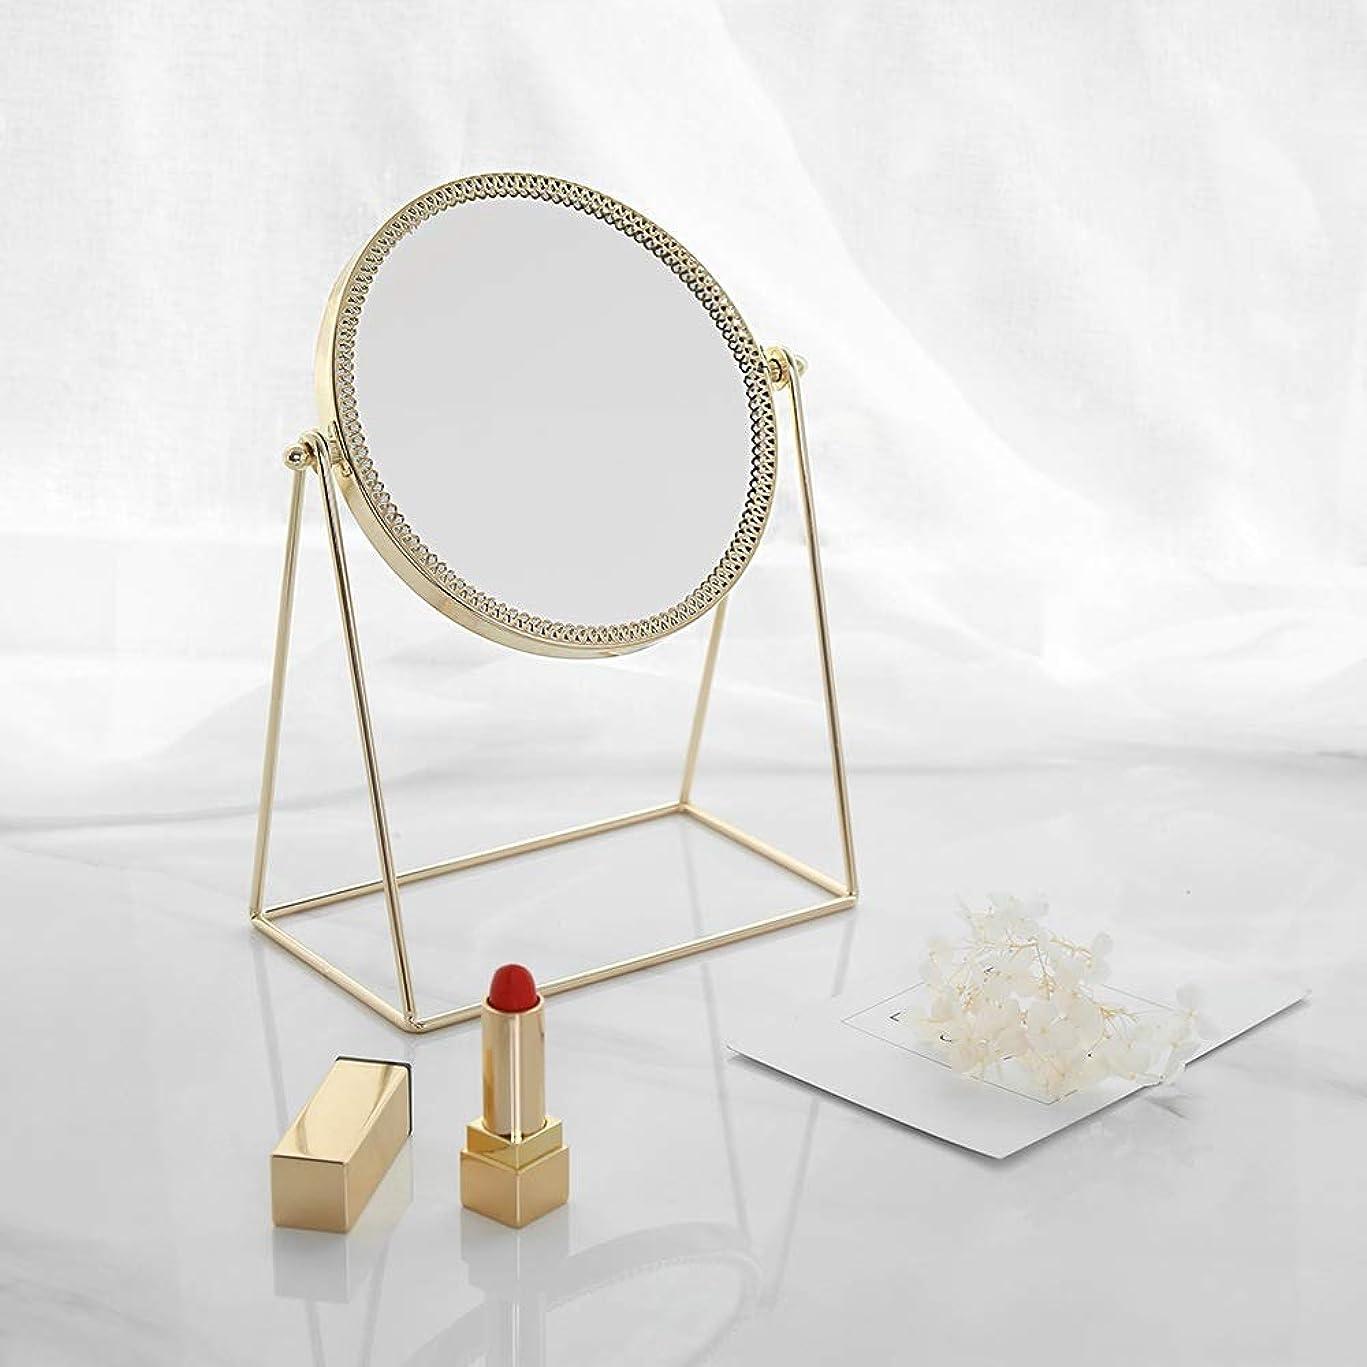 ピッチャー職業トチの実の木流行の 現代の創造性ゴールドラウンドアイアンフレーム+ミラーデスクトップミラー/化粧鏡